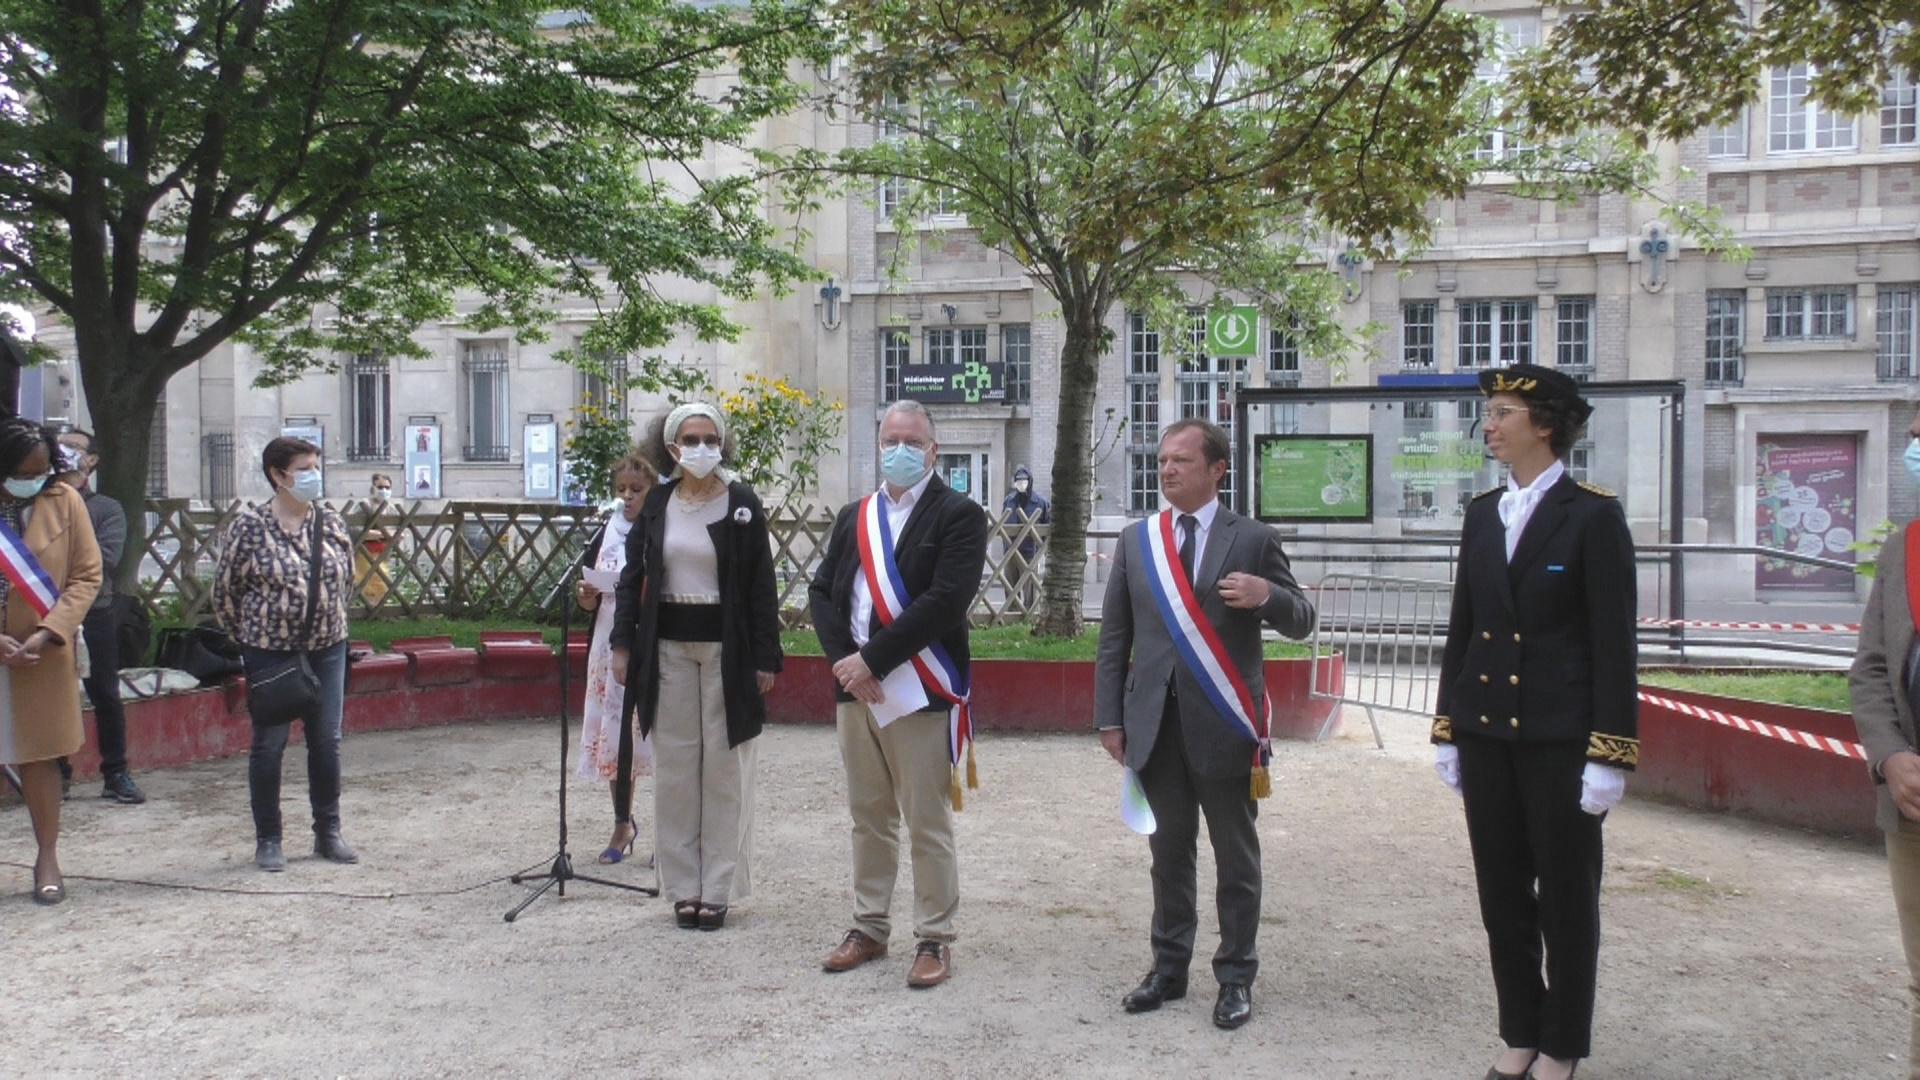 [Vidéo] Onews Paris. Cérémonie de la journée d hommage aux victimes de l esclavage 23 mai 2020 Saint denis